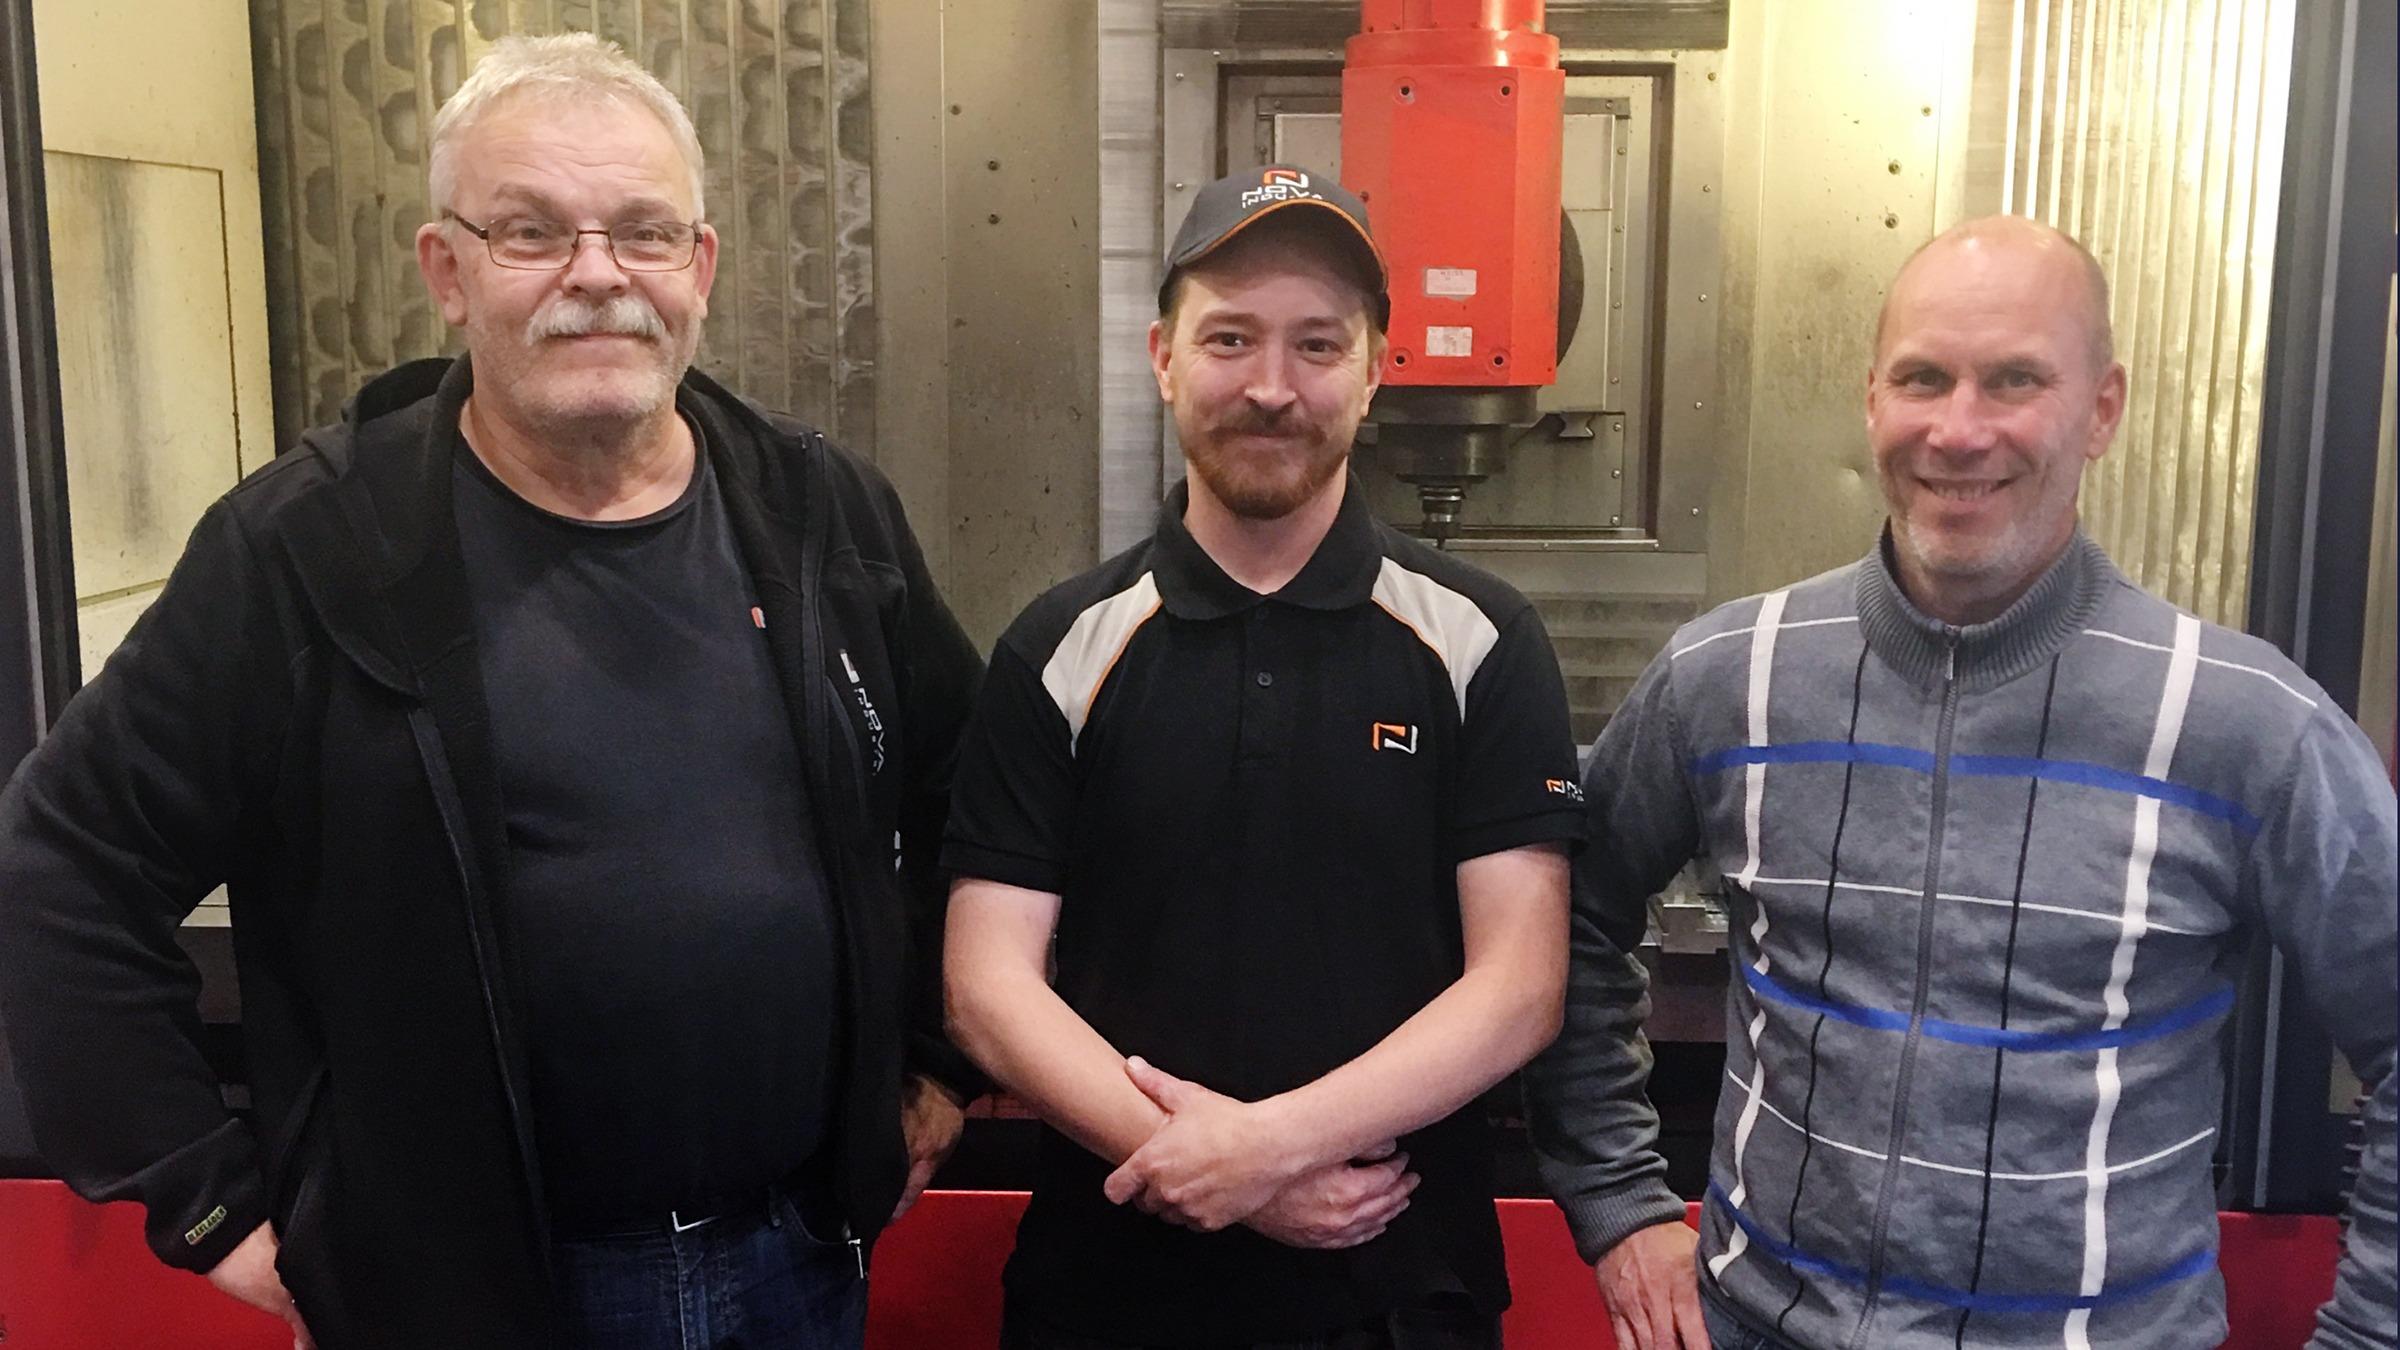 Tre män poserar i industrimiljö.